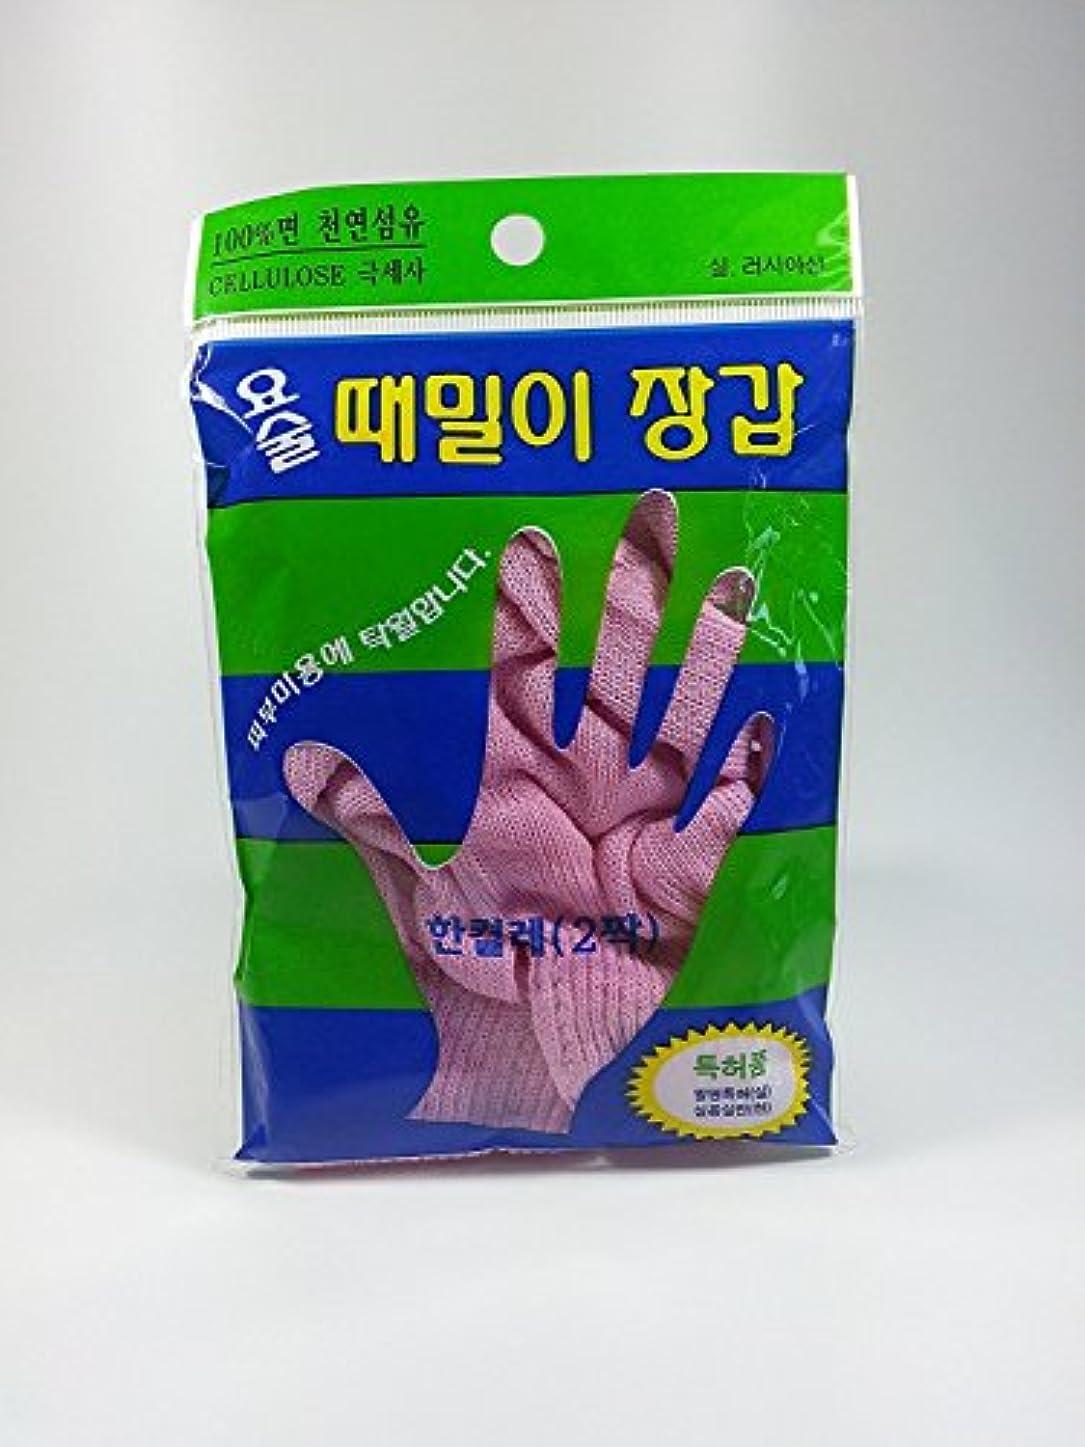 参加する急流平凡ジョンジュン産業 韓国式 垢すり 手袋 バスグローブ 5本指 ボディスクラブ 100% 天然セルロース繊維製 ???? ??????? Magic Korean Body Back Scrub [並行輸入品]